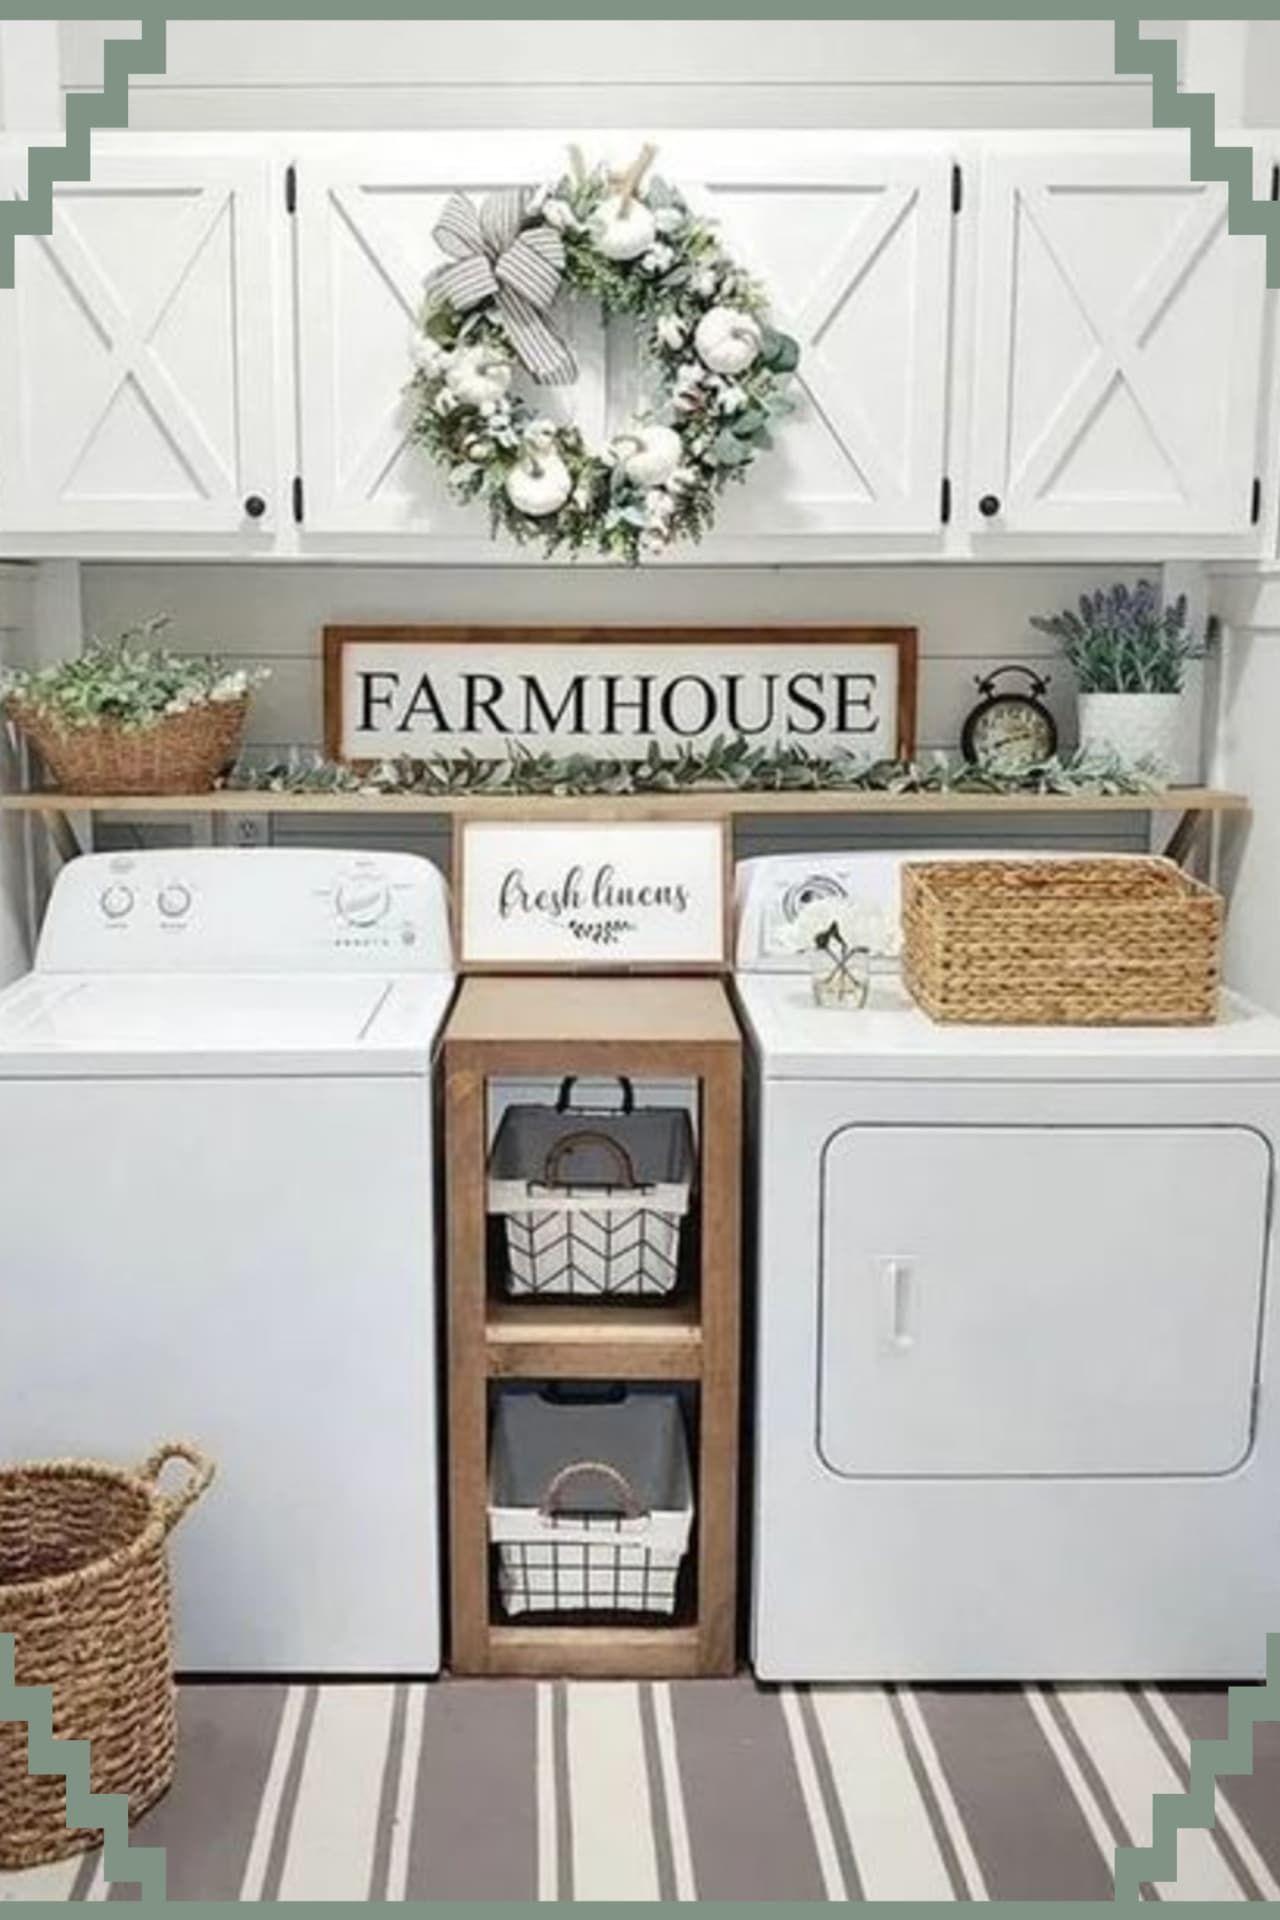 Farmhouse Style Small Laundry Room Ideas To Remodel Your Tiny Laundry Room in Rustic Farmhouse Style